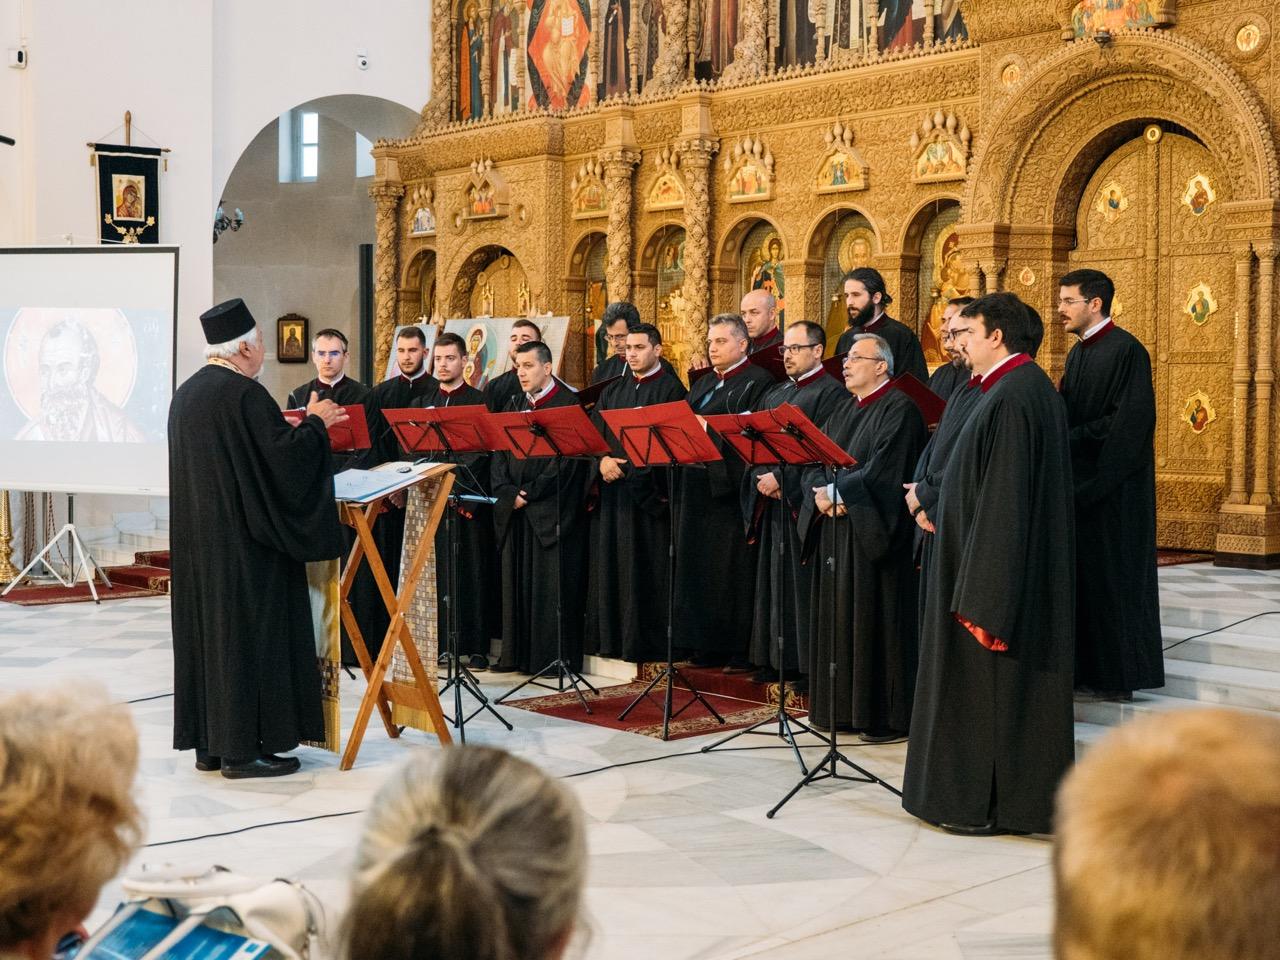 Βυζαντινή Συναυλία στον Ιερό Καθεδρικό Ναό Αγίων Θεοδώρων Αγίας Πετρουπόλεως Ρωσίας FOTO